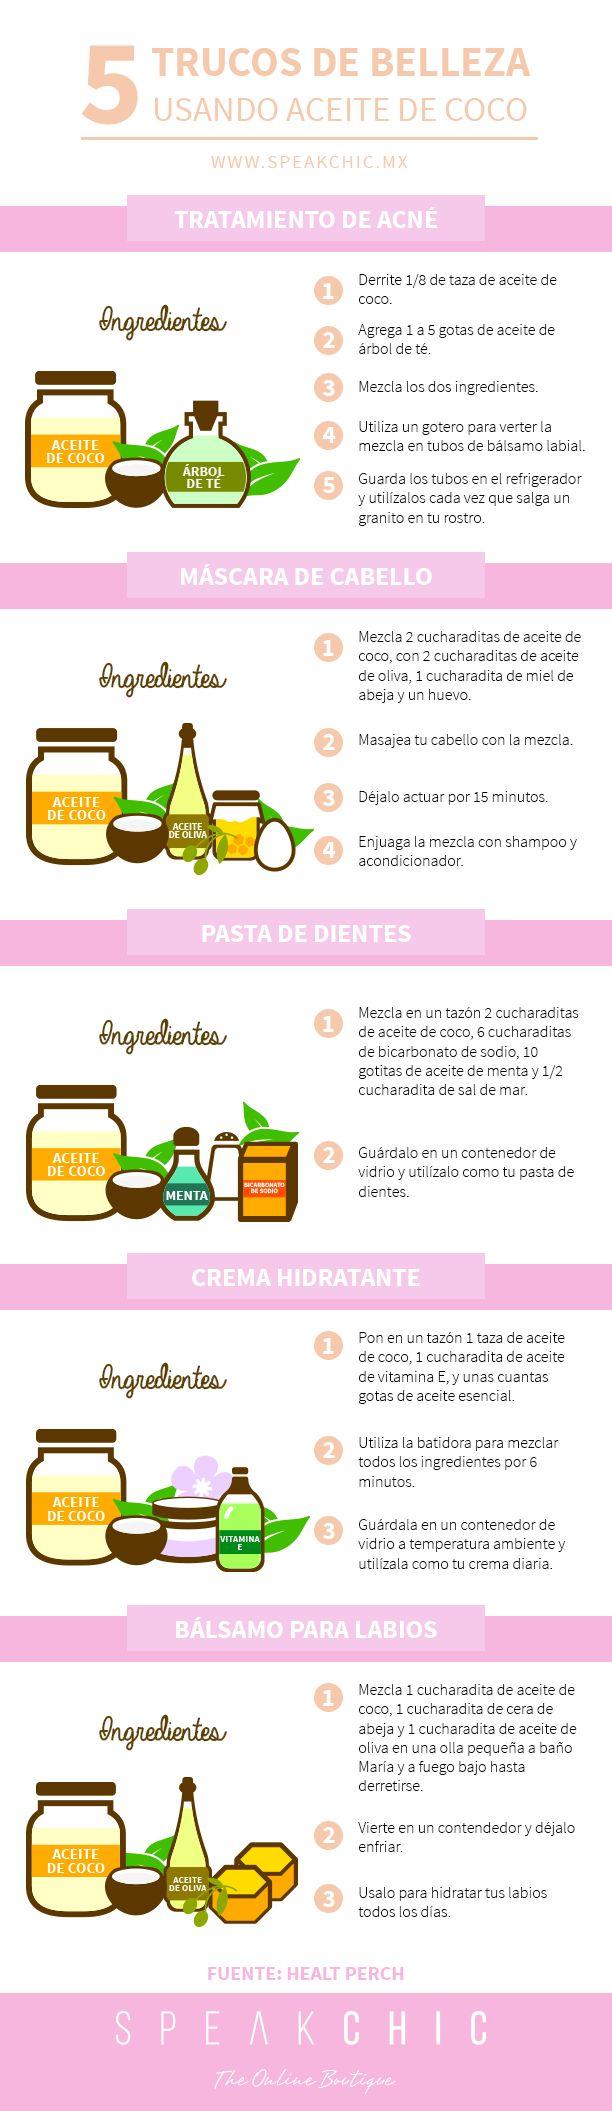 5 trucos de belleza usando aceite de coco <3  belleza, aceite, coco, diy, natural, 100%, saludable, usos, casero, homemade, usos #trucosdebelleza